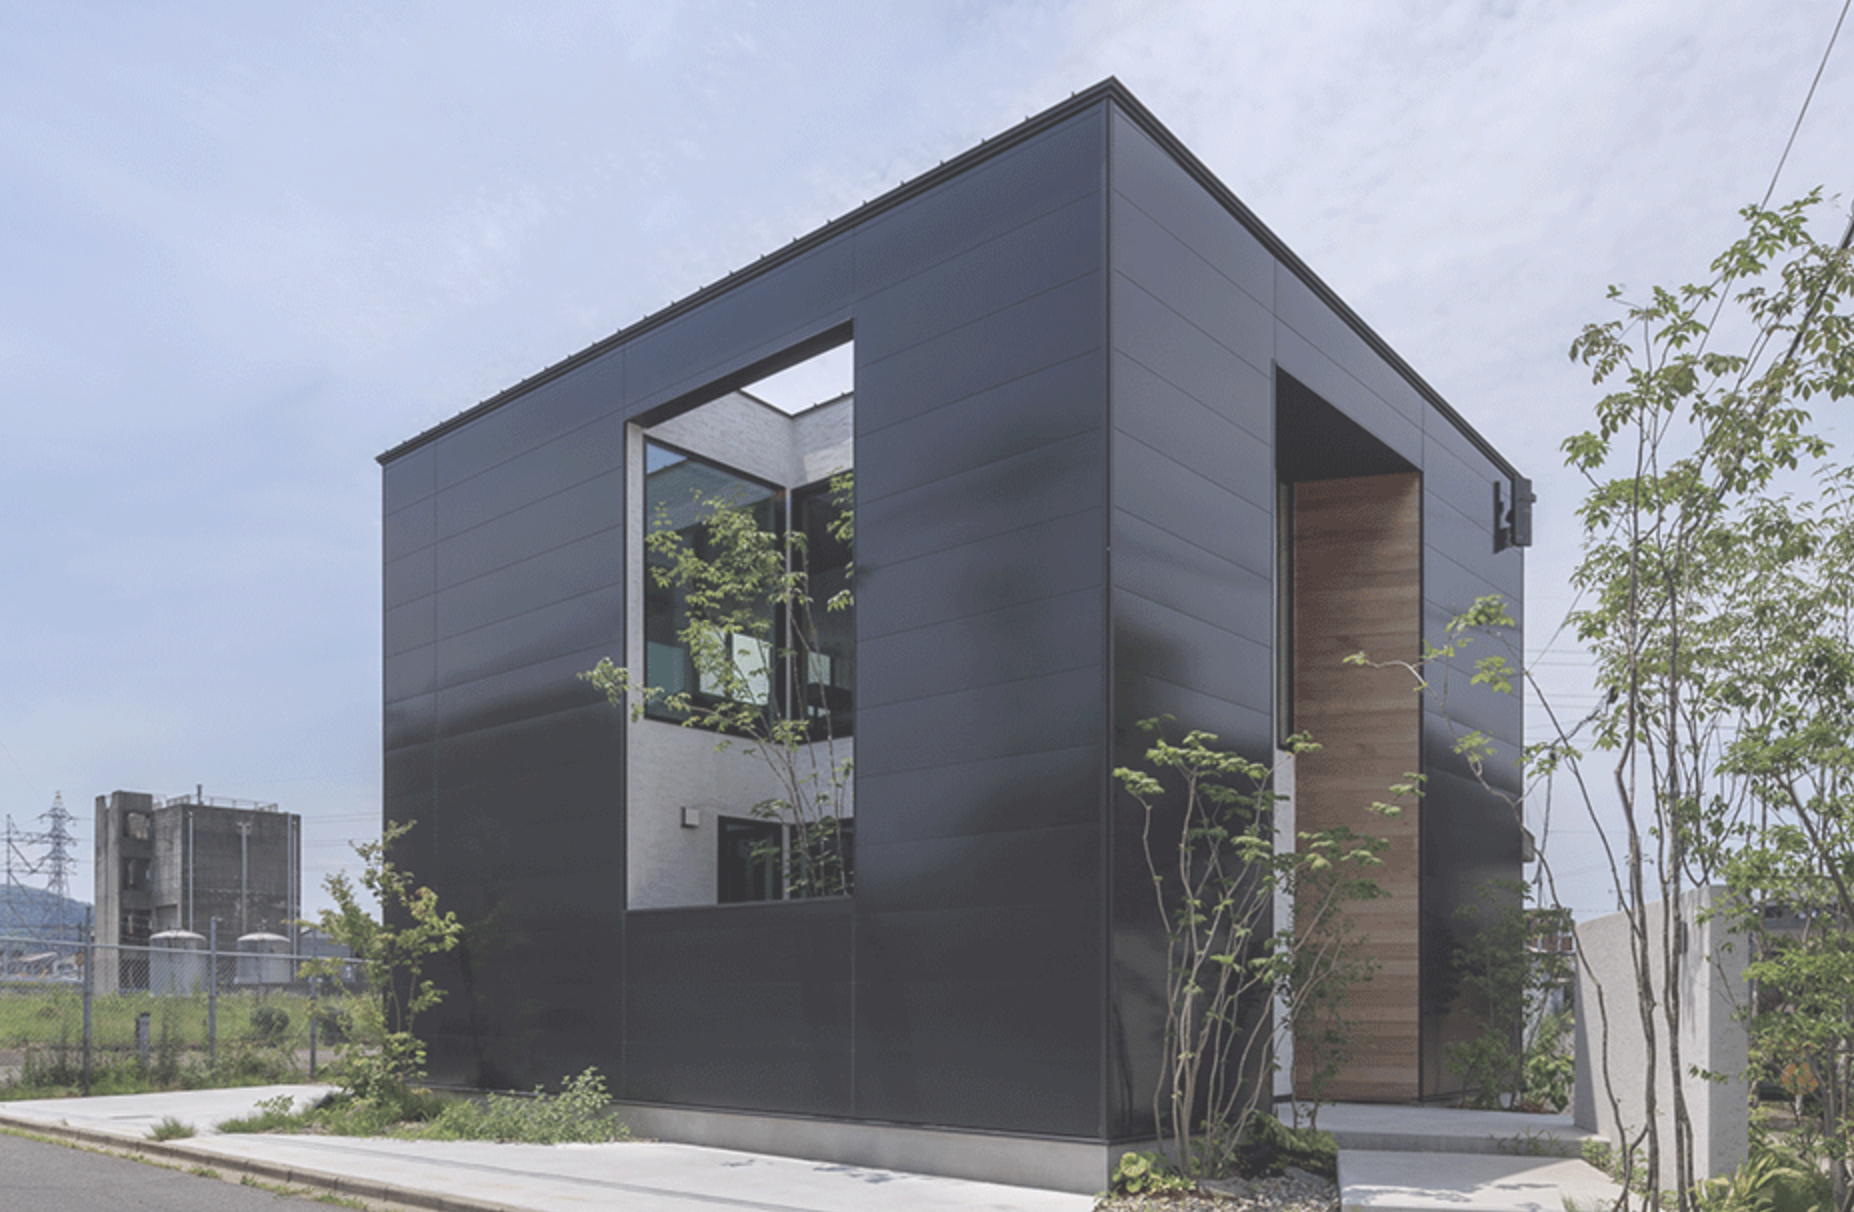 R+house滝沢・盛岡施工事例1